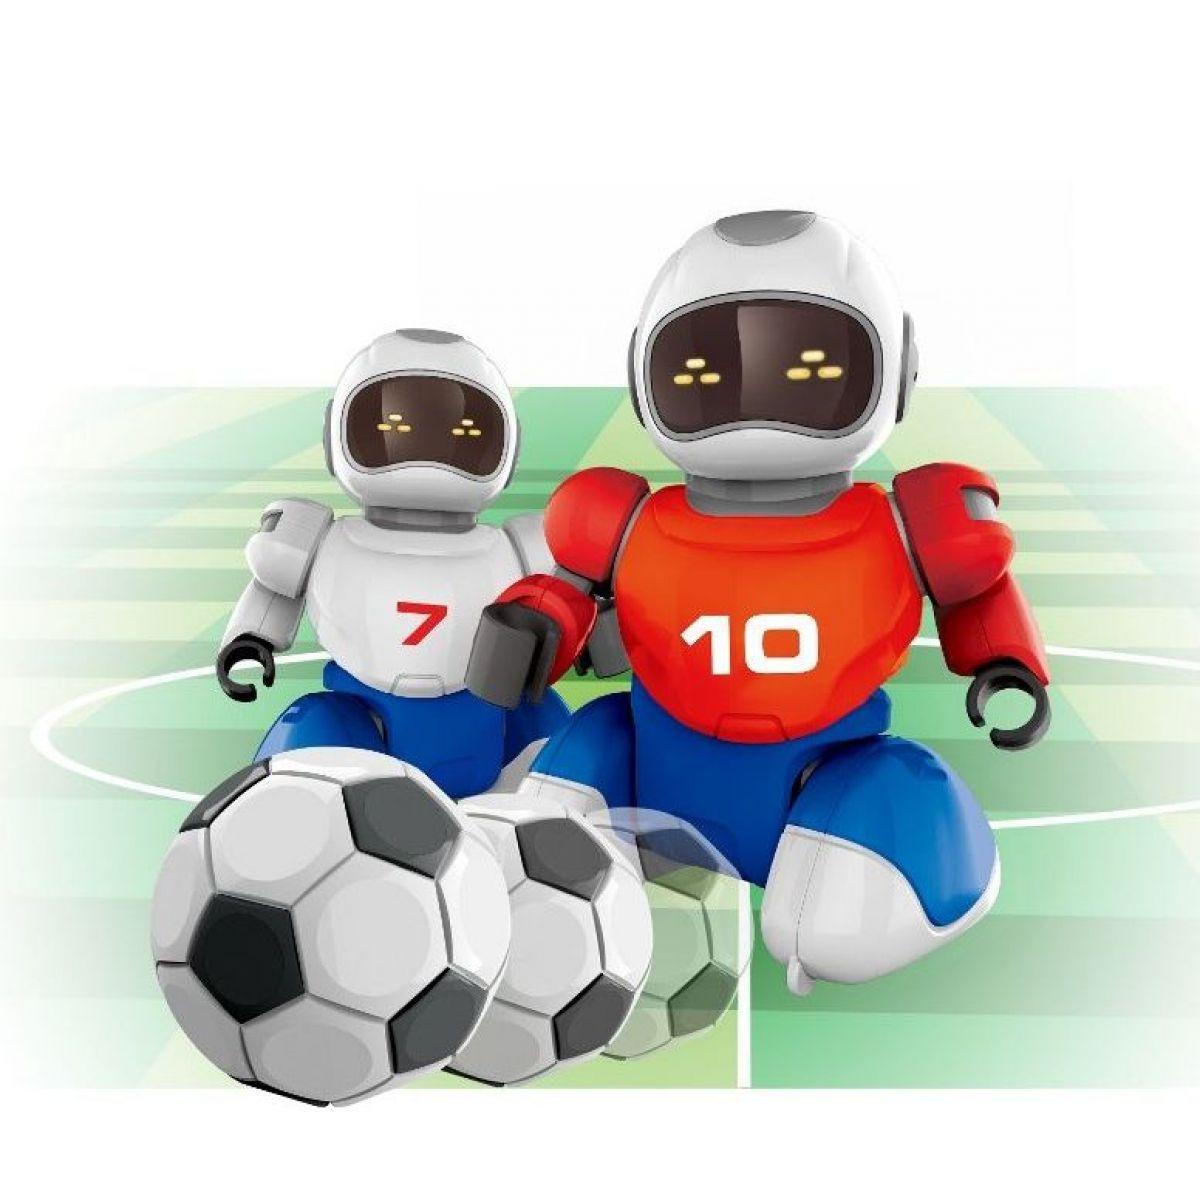 Dva Roboti s míčkem na dálkové ovládání a dvěma brankami